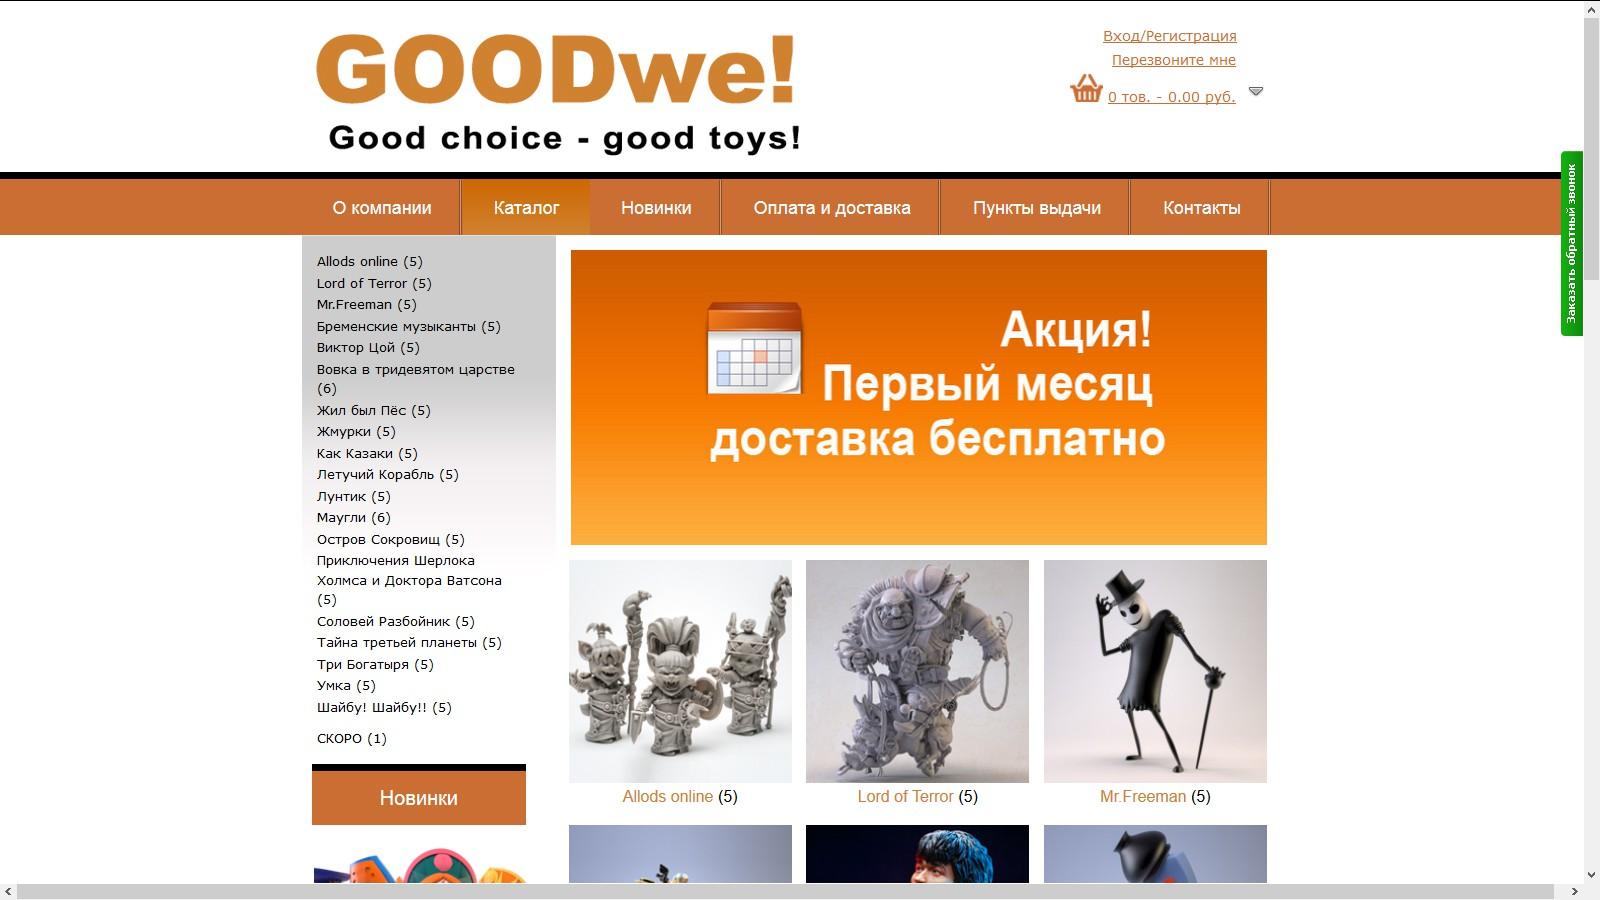 интернет-магазин игрушек  г. Кострома